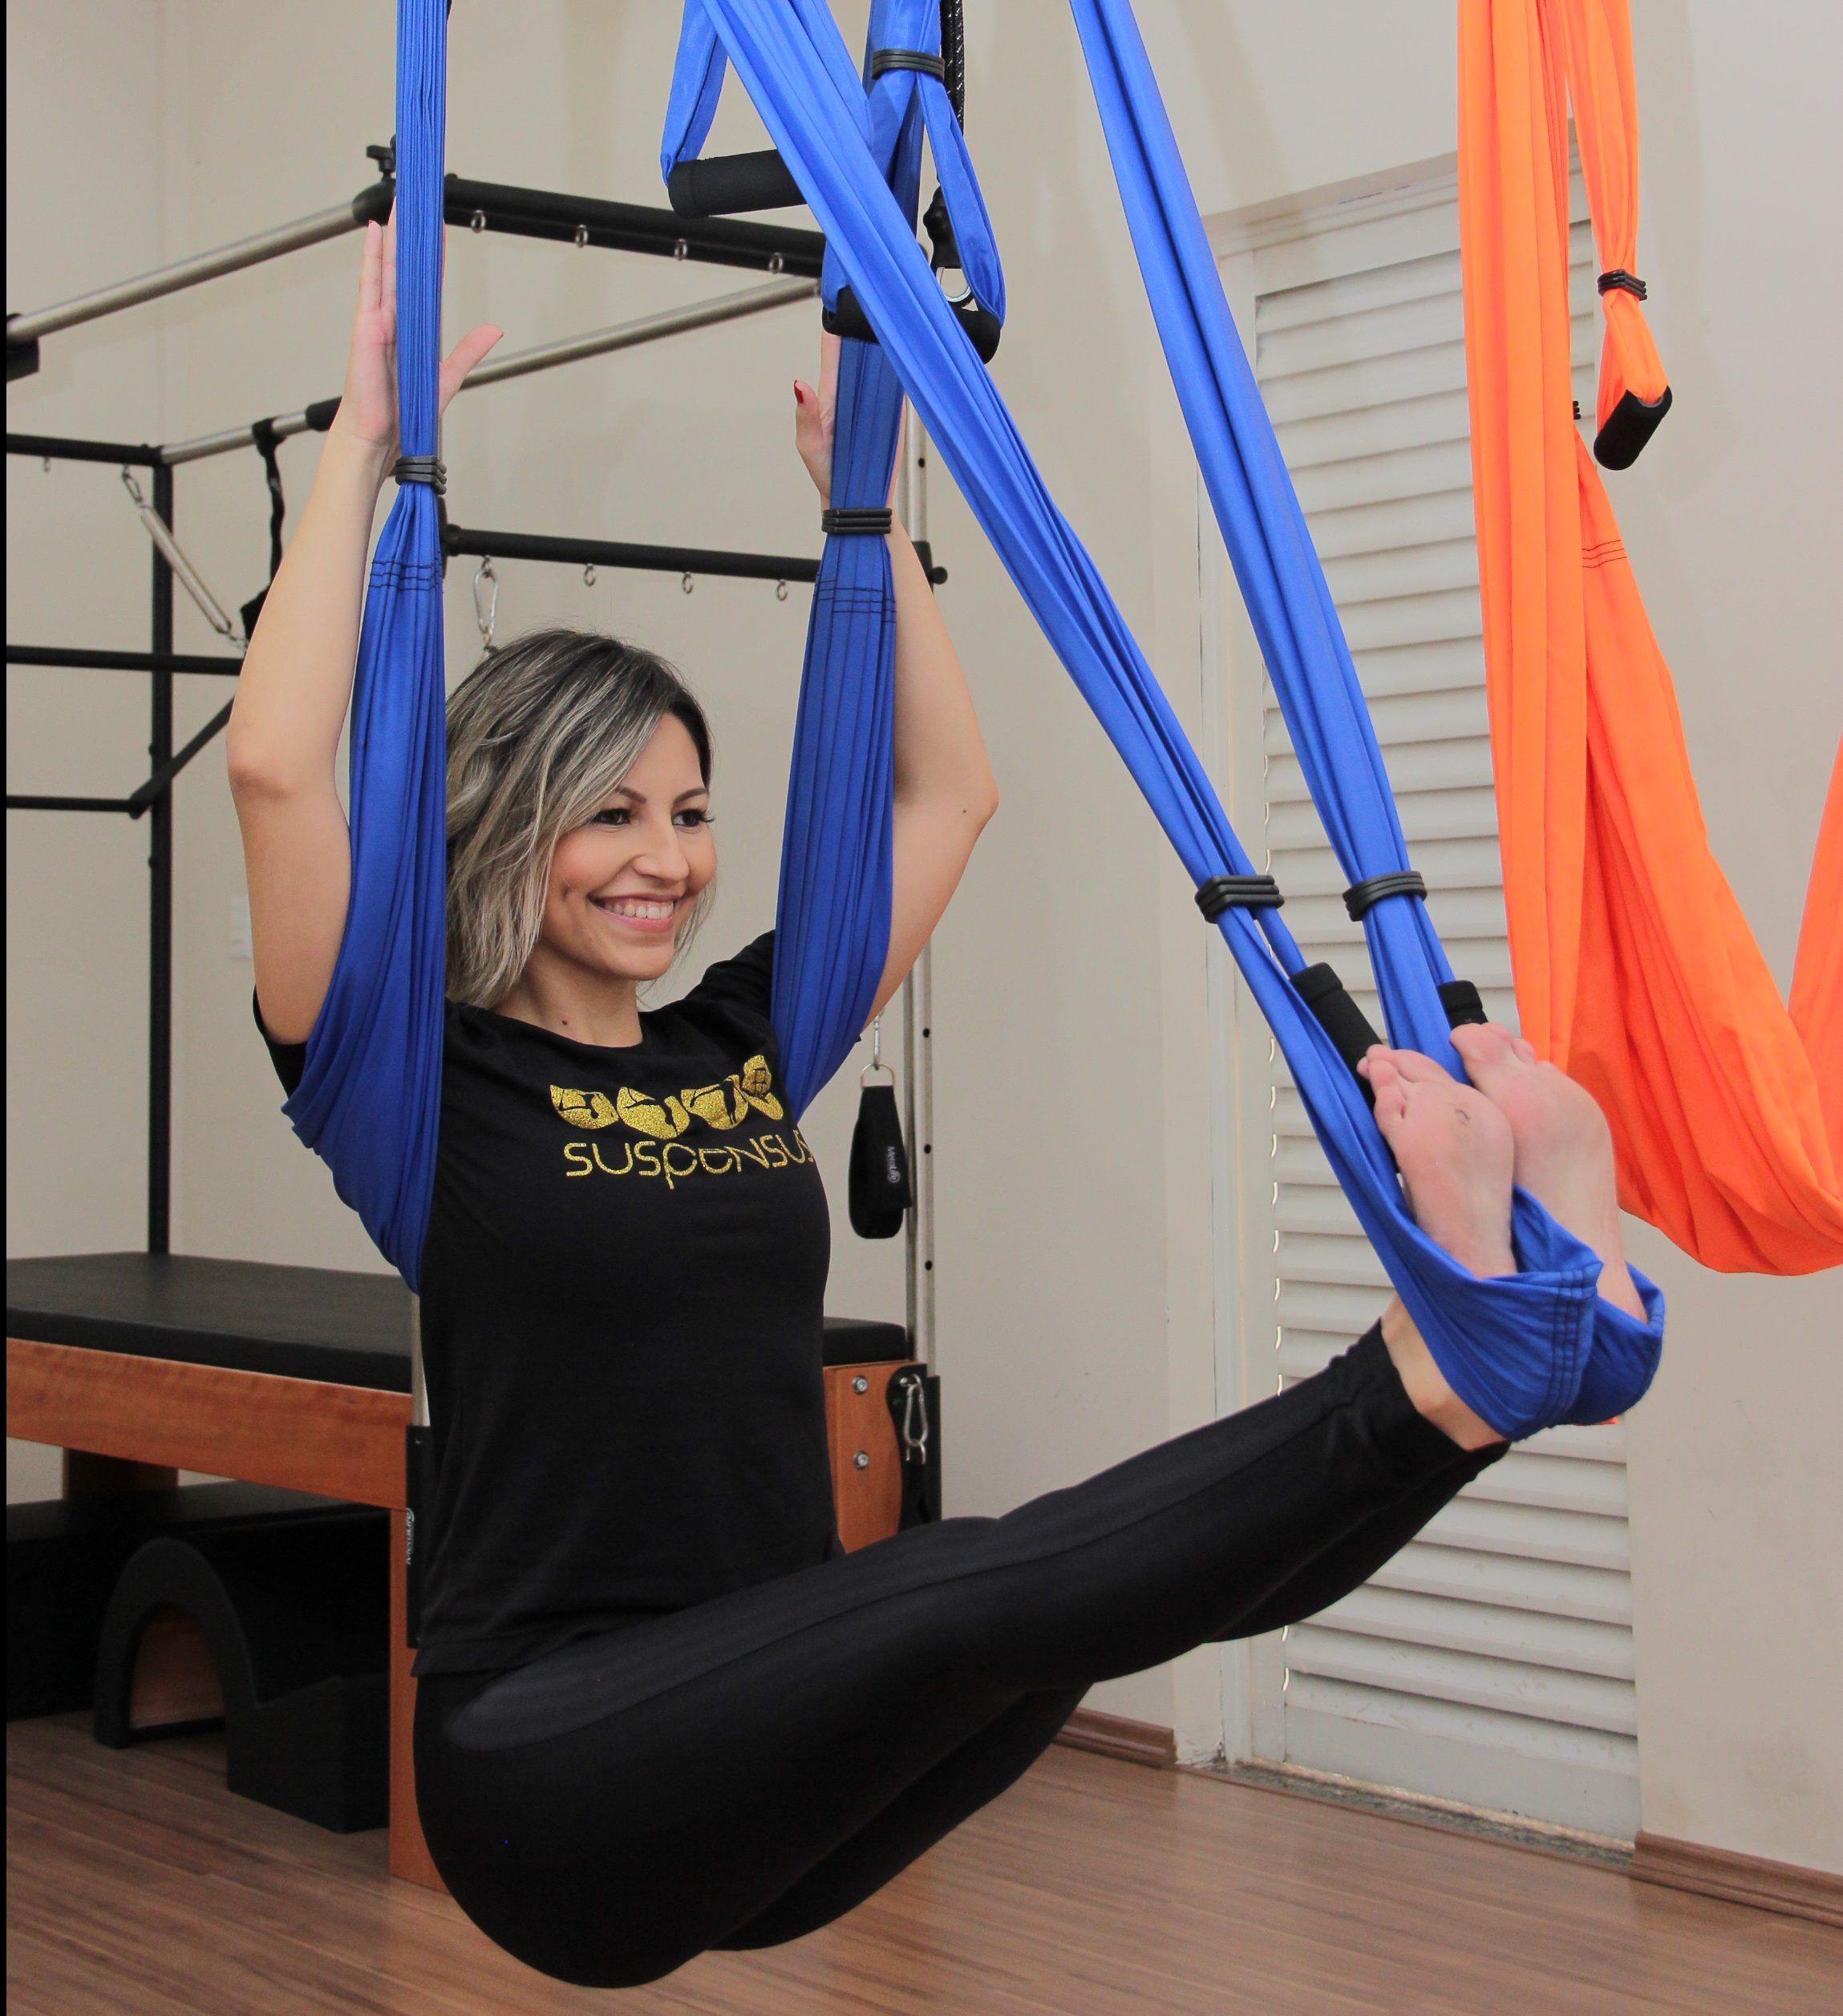 6 modalidades com tecido suspenso que trabalham core e equilíbrio | BOA FORMA